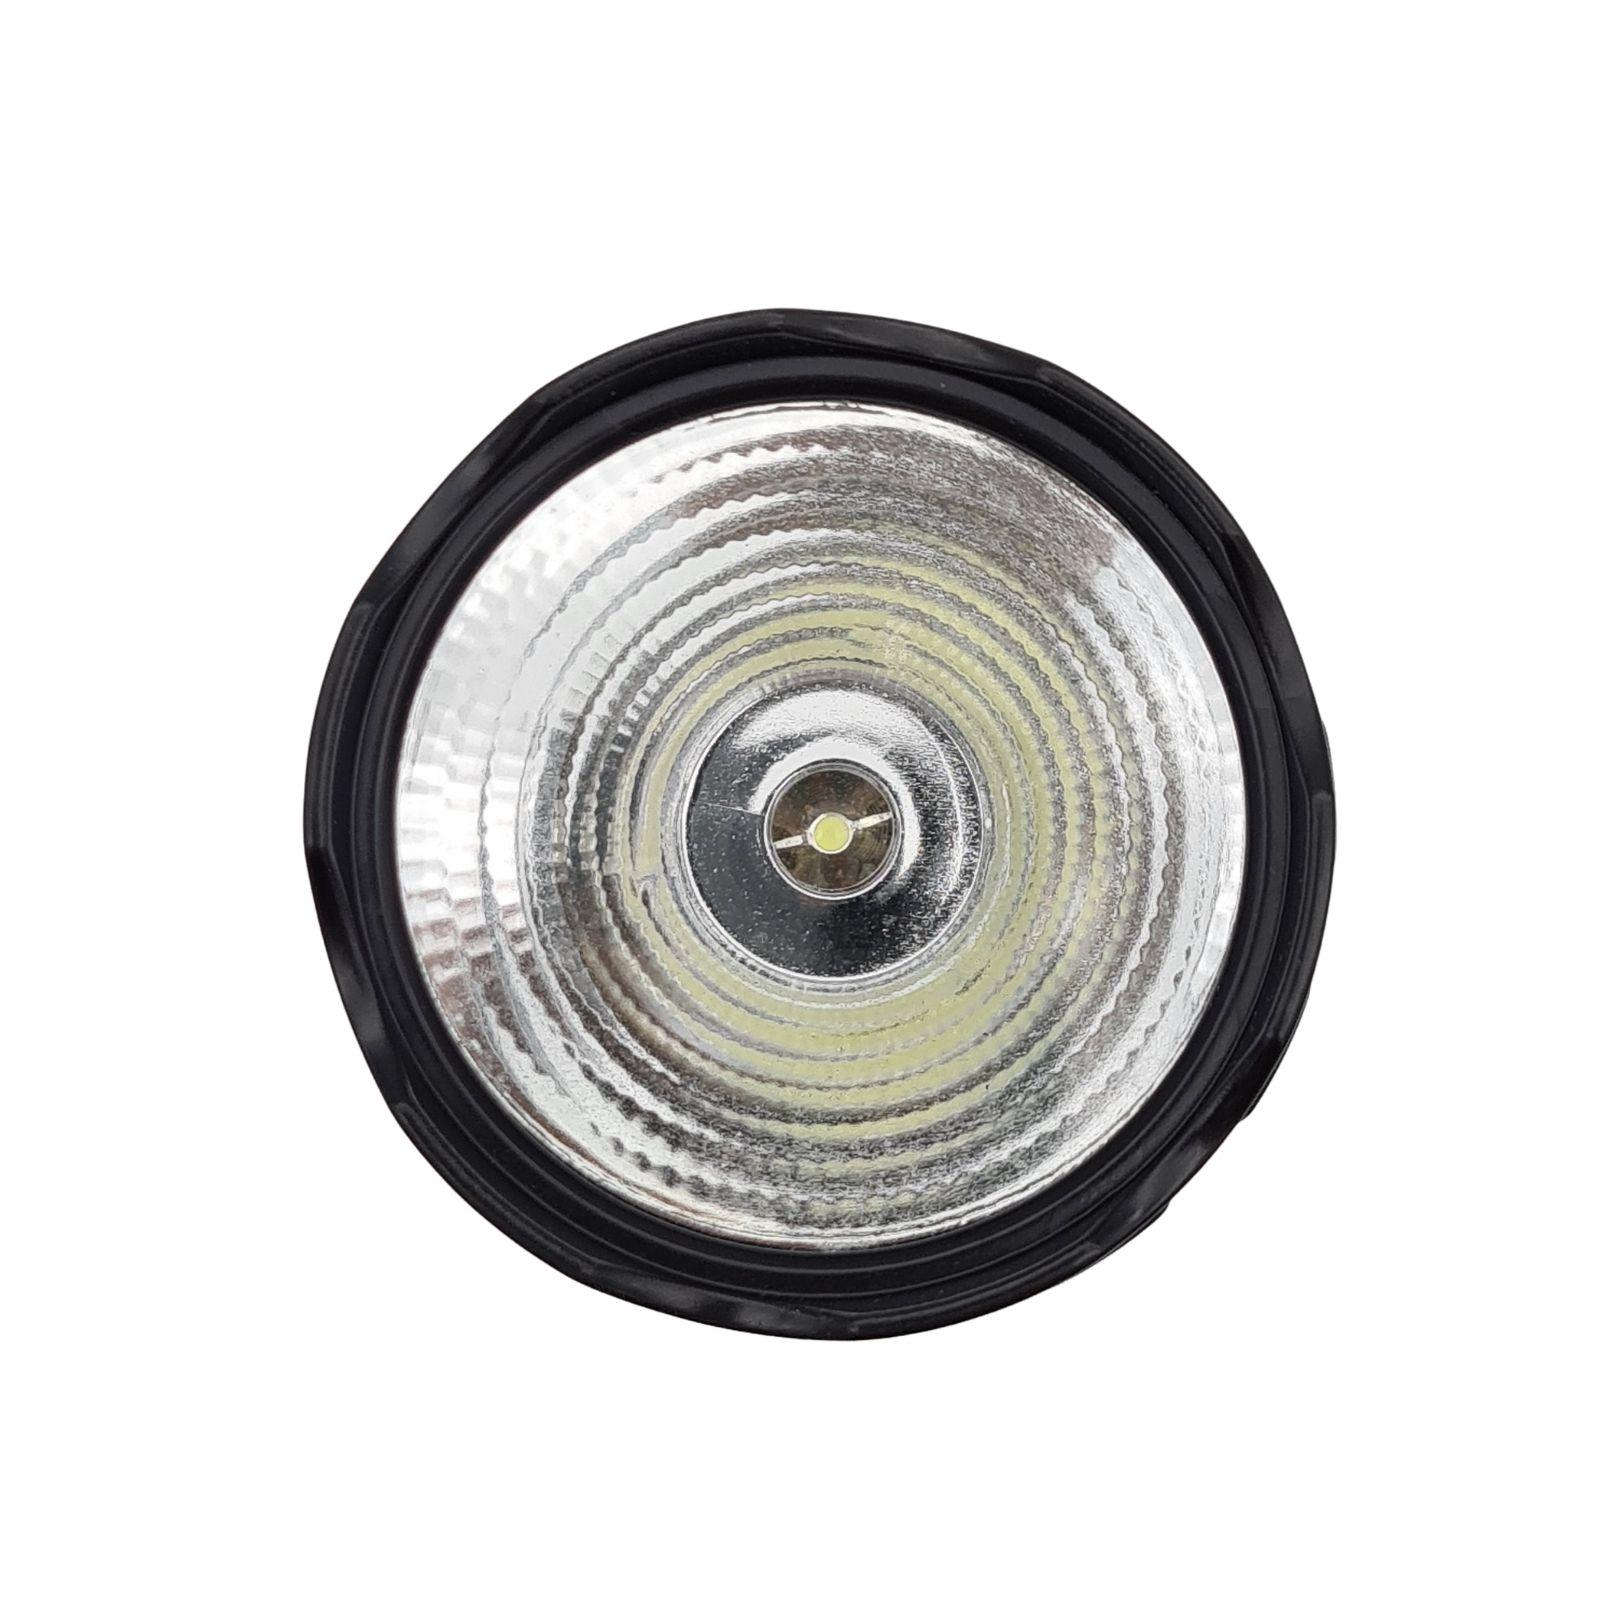 Lanterna de LED - 0,5w